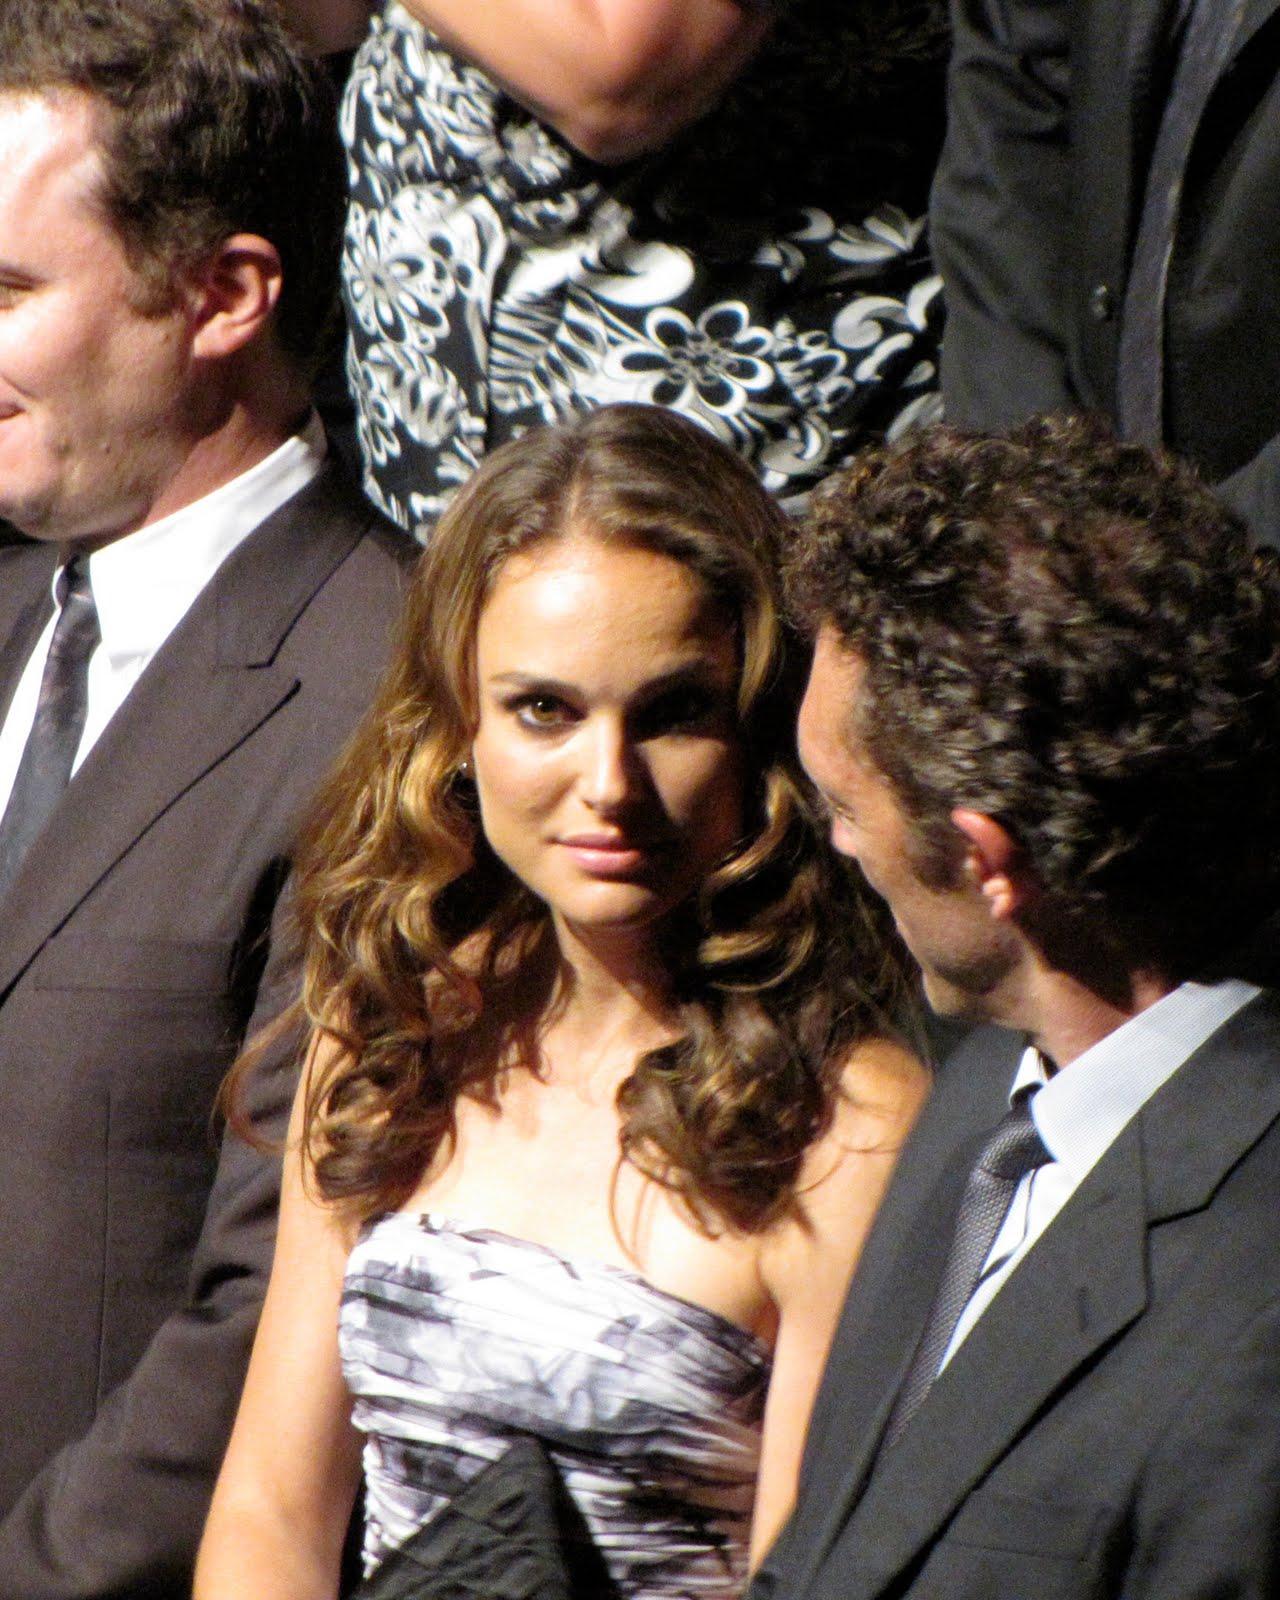 http://2.bp.blogspot.com/_5_7myy6XZuw/TJZEYOf1rSI/AAAAAAAAEnY/MFUEV525TtE/s1600/Natalie+Portman+at+Black+Swan+Gala.jpg